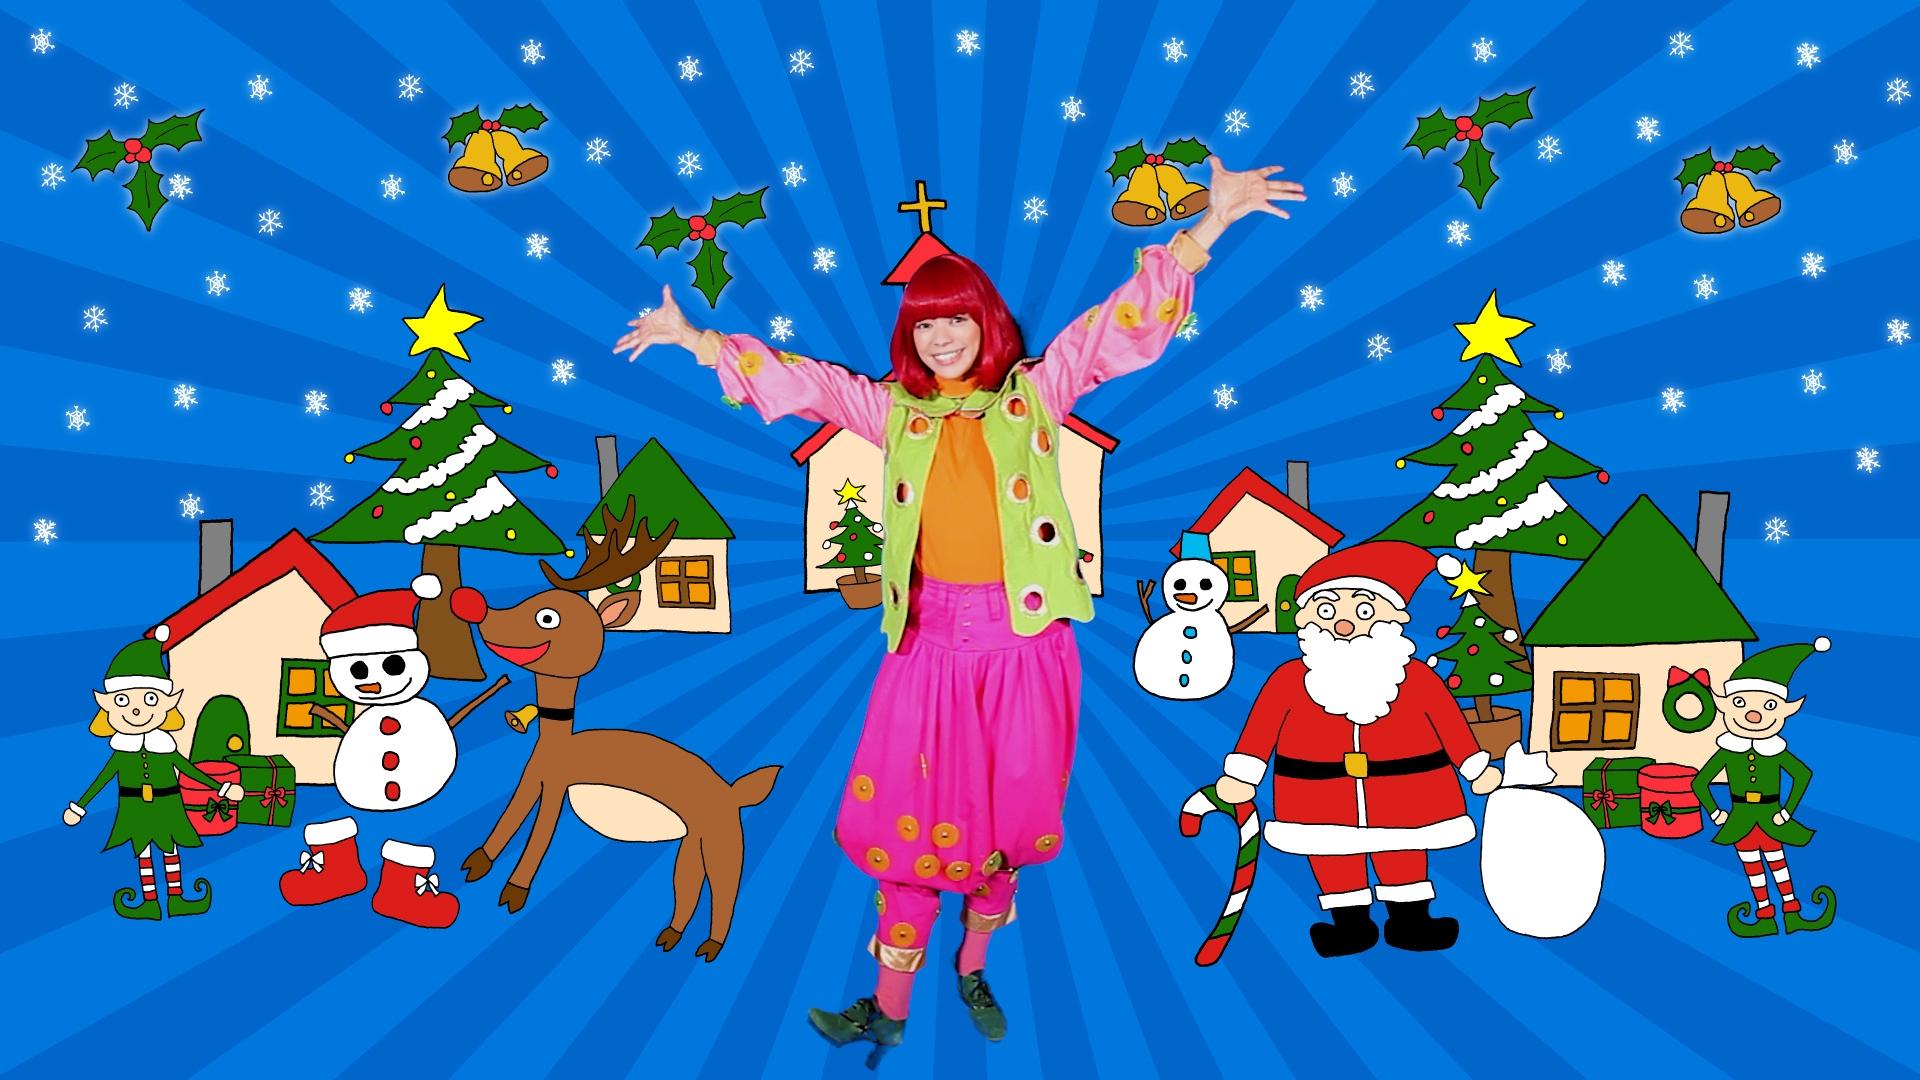 エミリー☆ファミリーコンサート クリスマス企画 あわてんぼうのサンタクロース